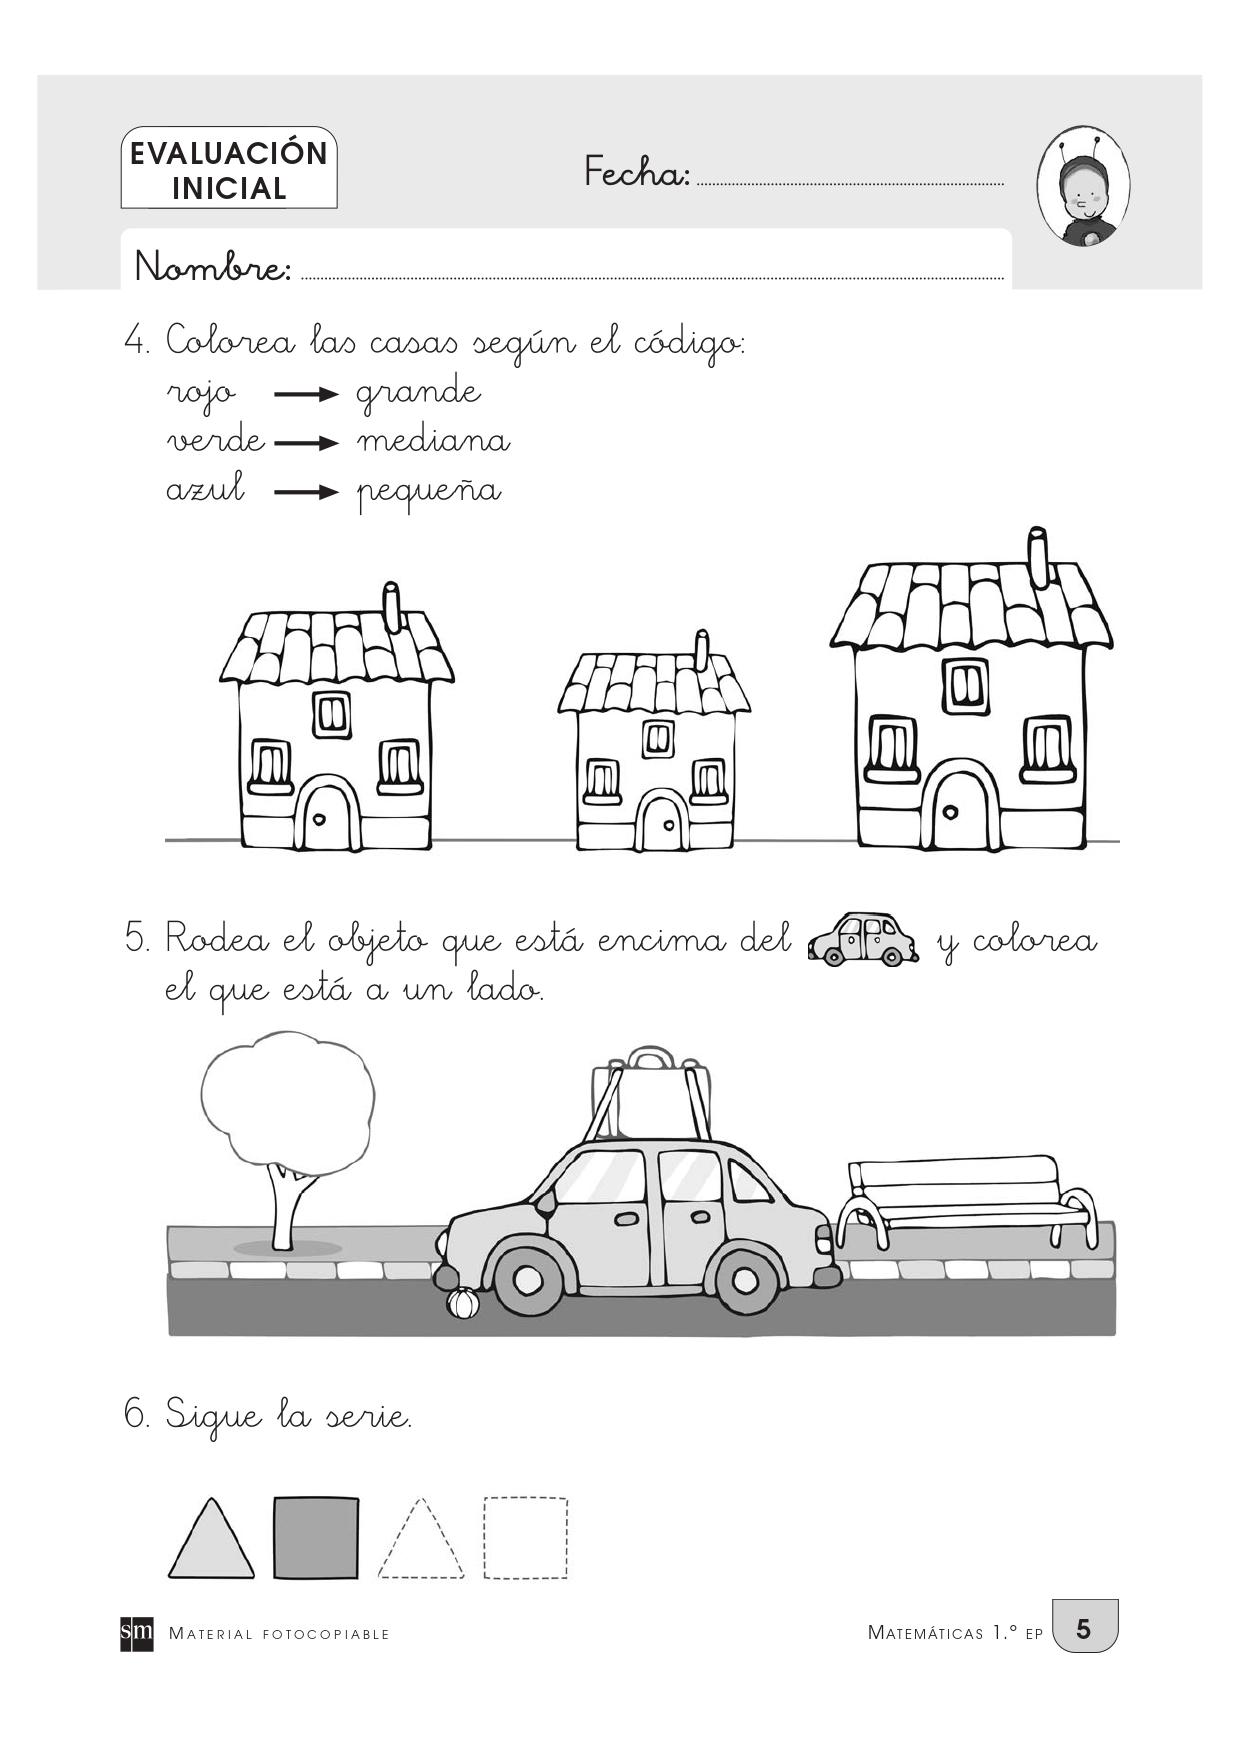 Evaluación inicial para primero de primaria_page-0004 - Orientación Andújar  - Recursos Educativos